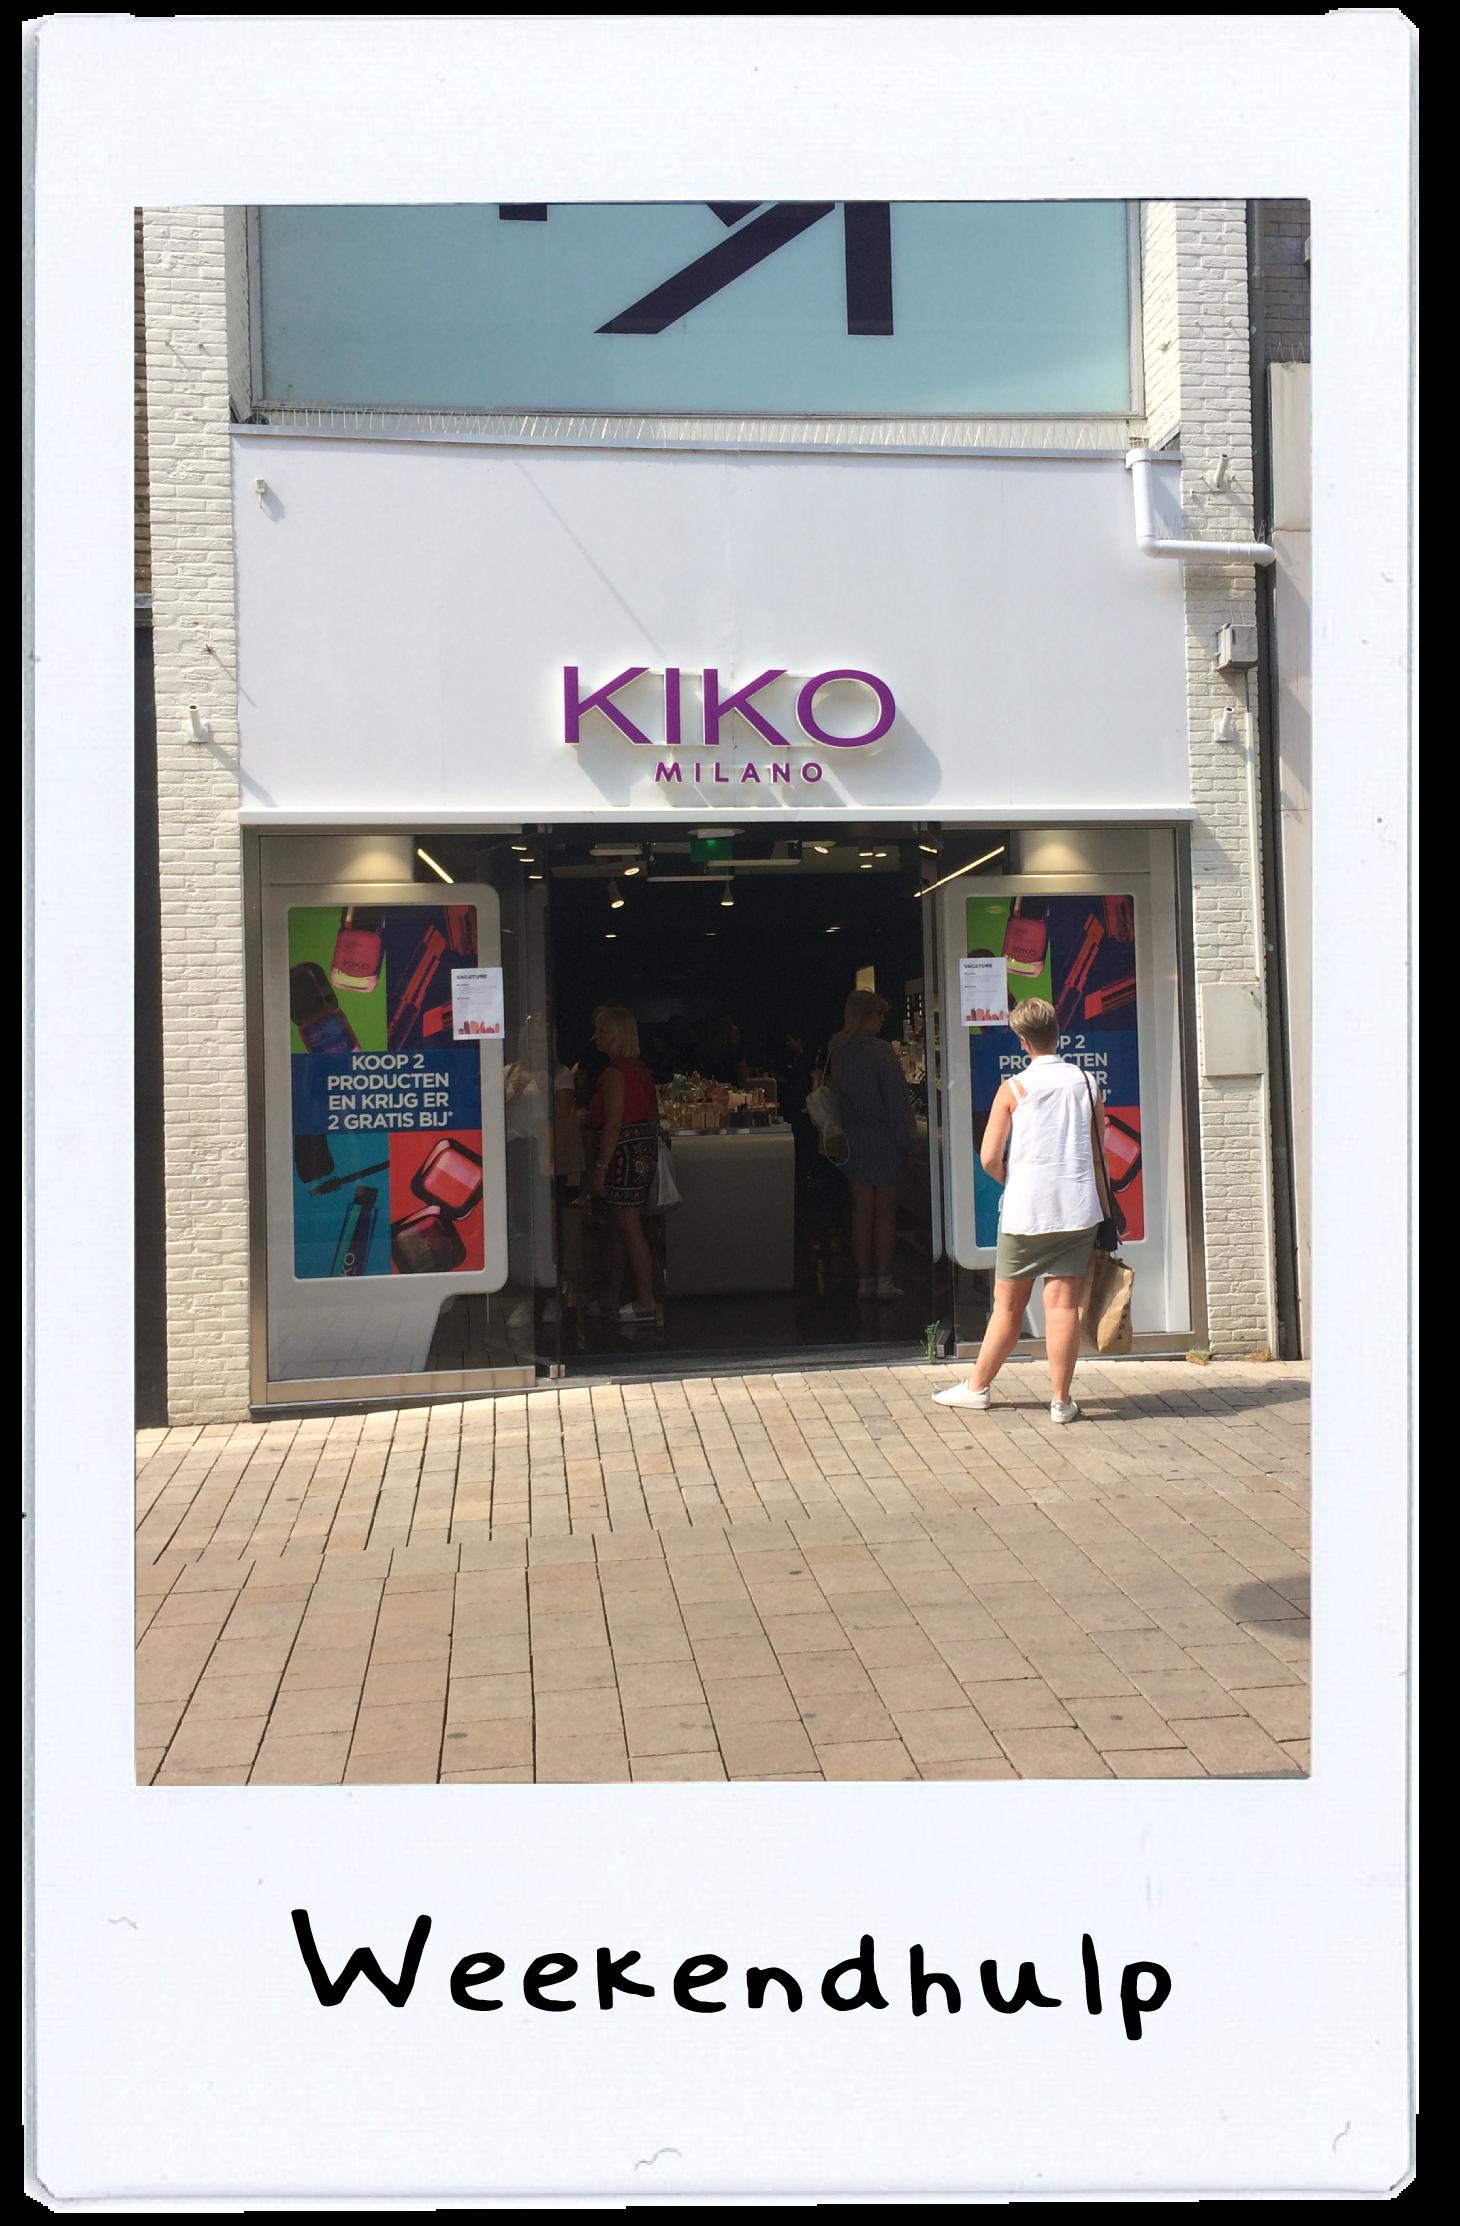 KIKO_polaroid